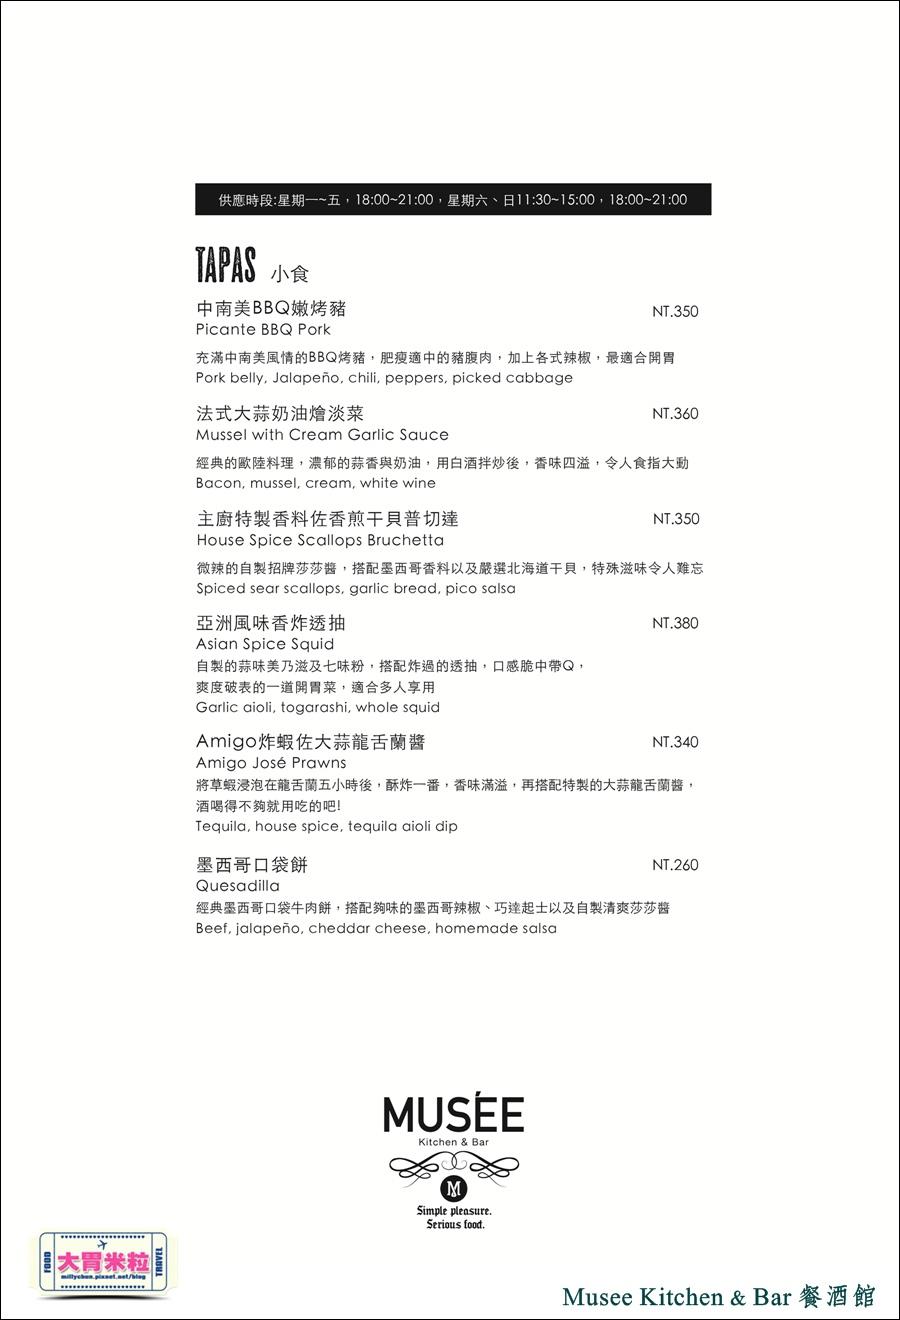 台北特色餐酒館推薦-Musee Kitchen & bar 工業風傢俱餐酒館-millychun0080.jpg